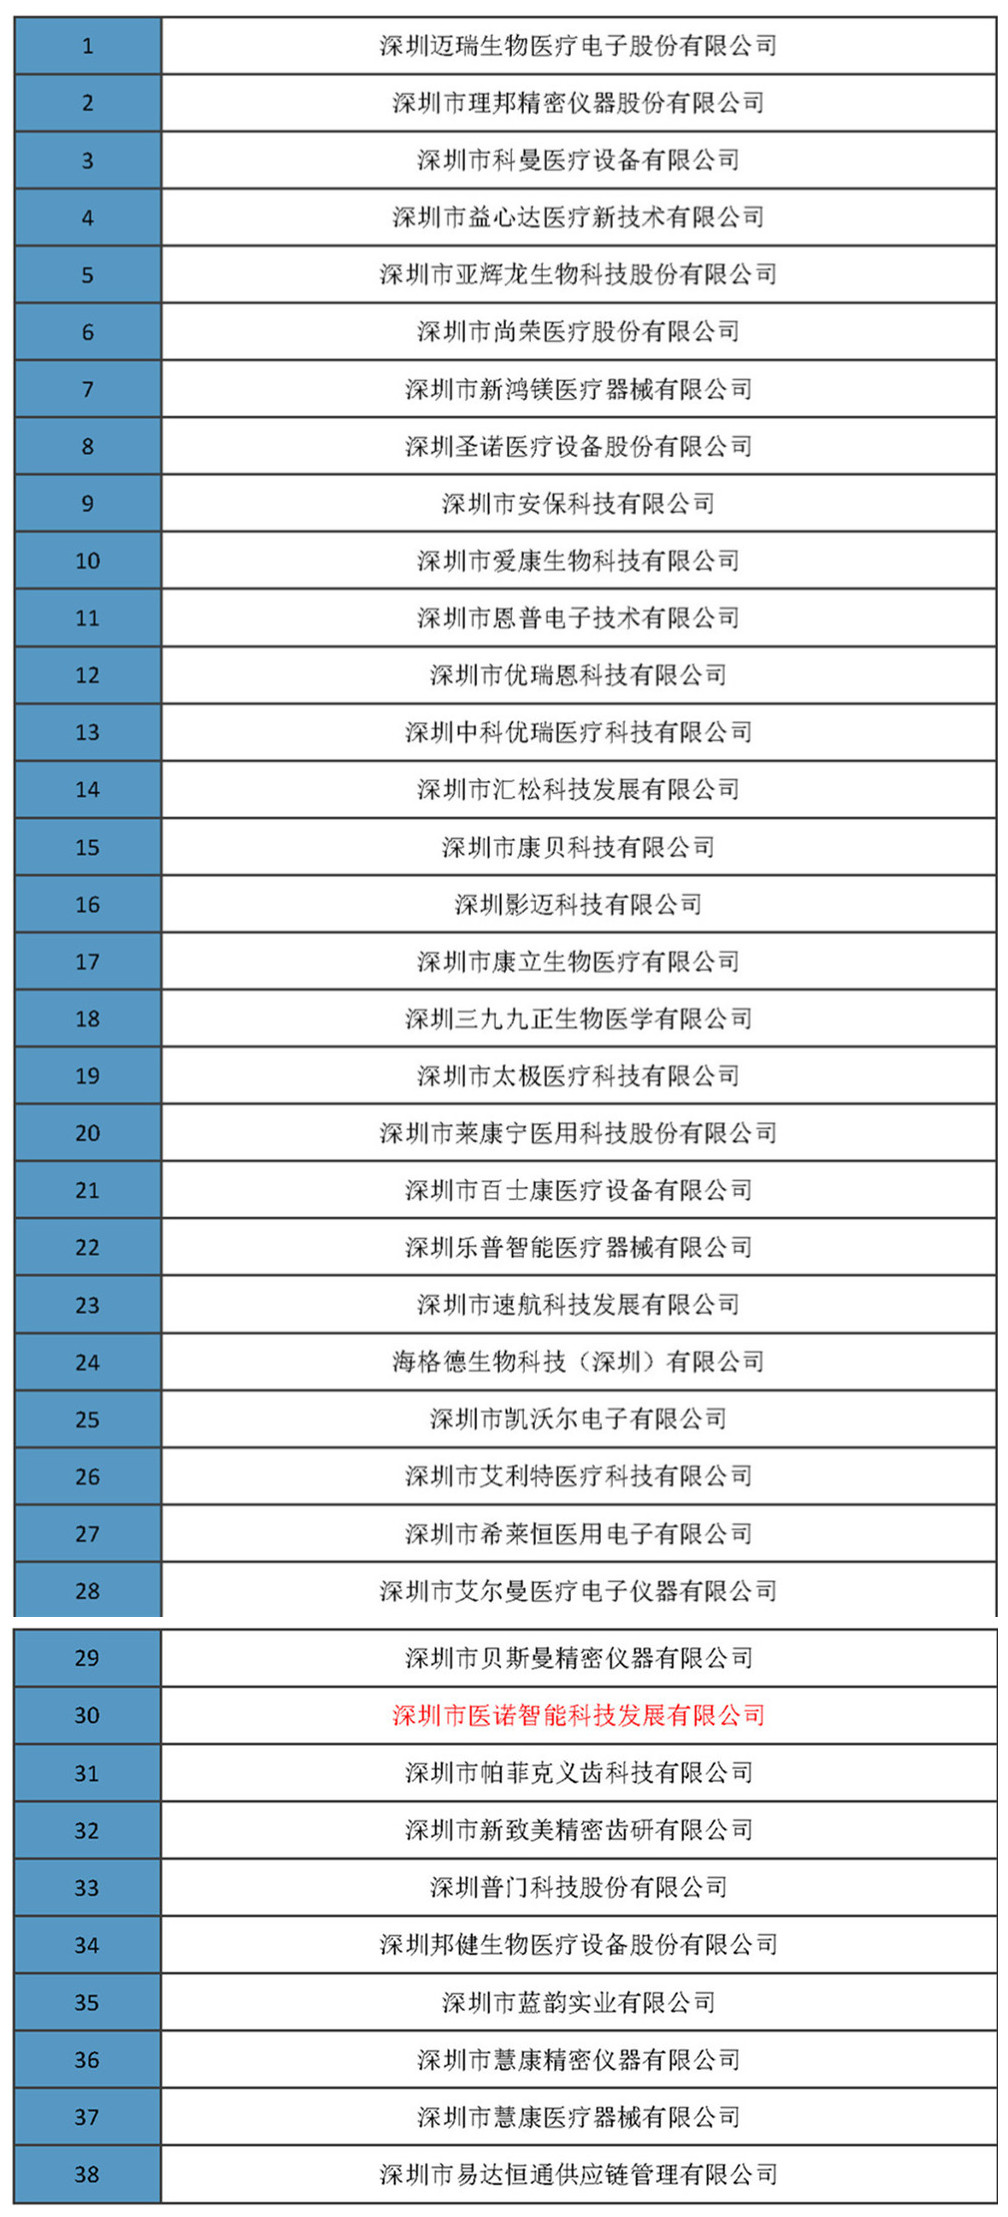 企业名单.jpg